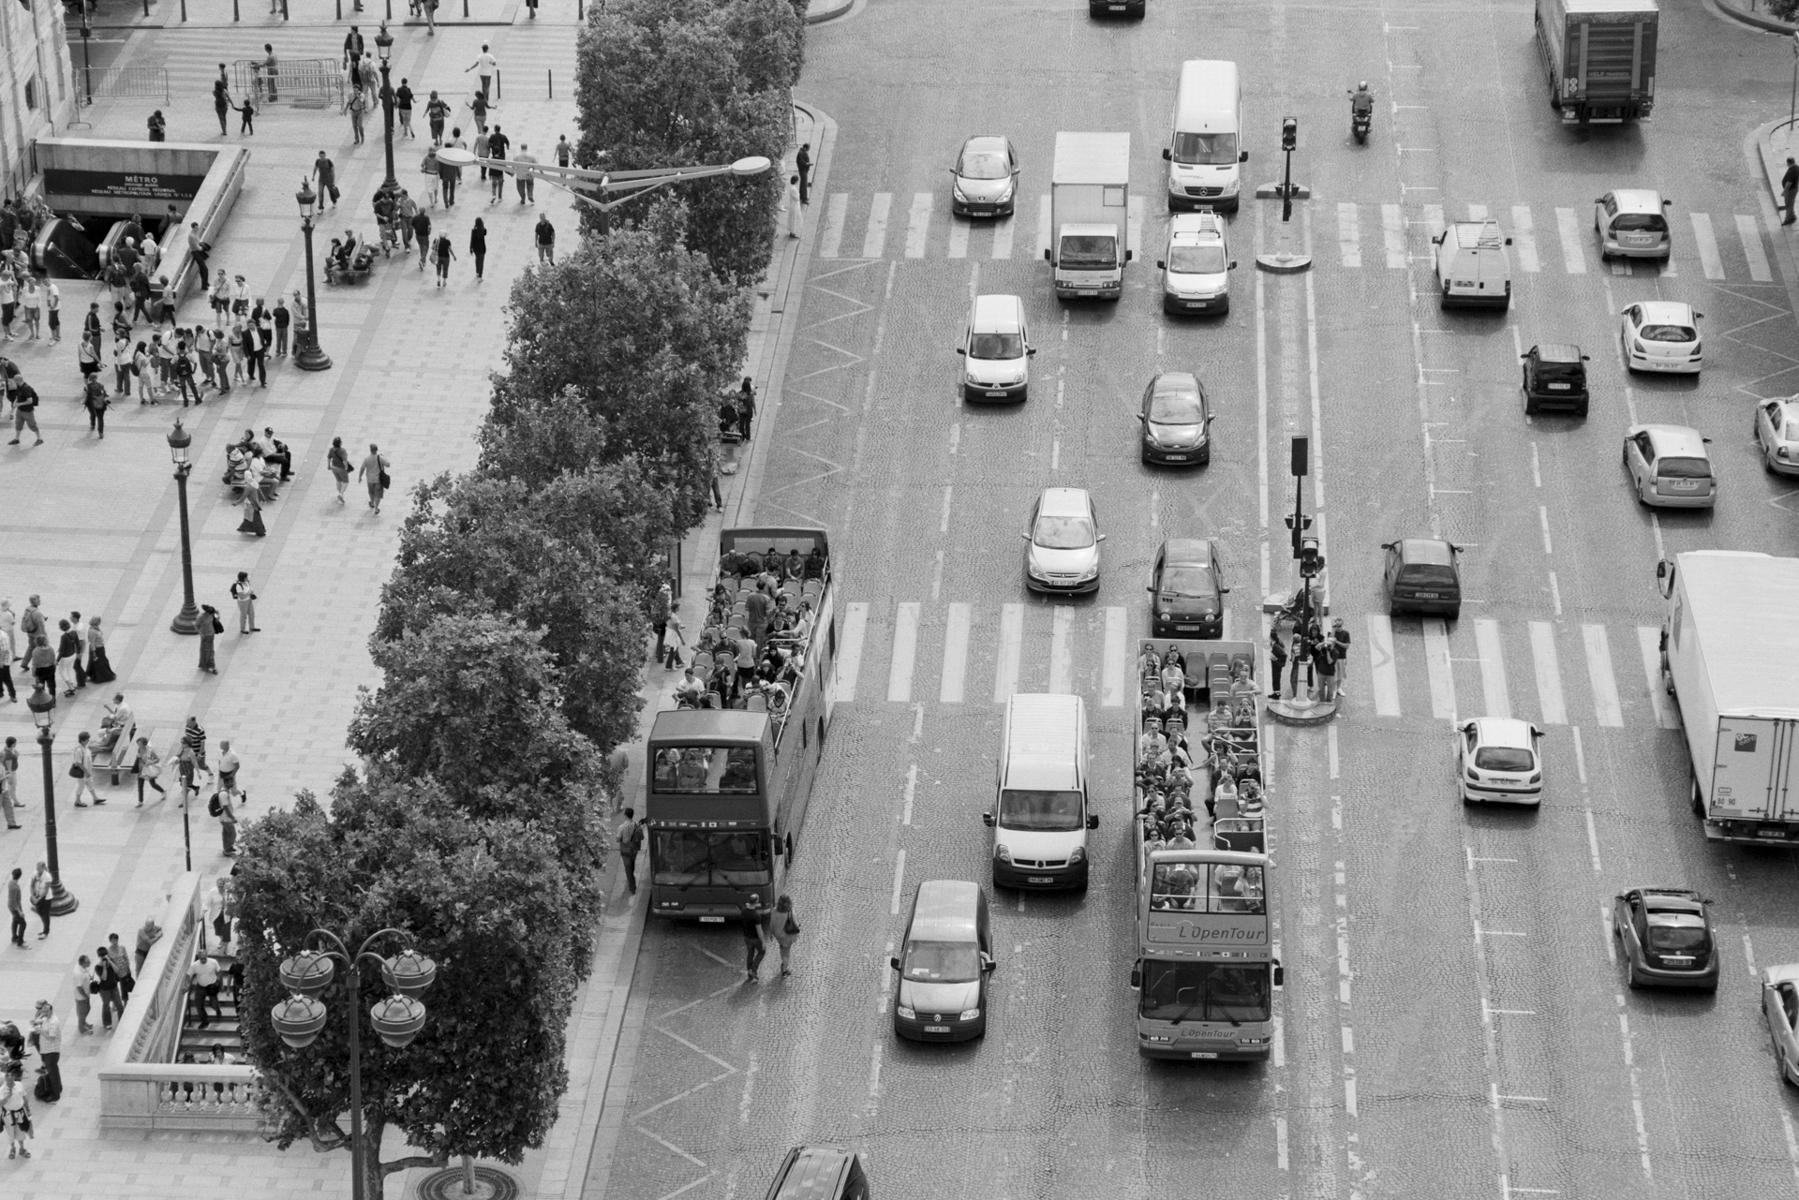 Le Tour de France 2010 THE DAY AFTER The day after the streets belong to the cars again. For fans and cyclists there is still consolation, because: ... Le lendemain, la rue appartient à nouveau aux voitures. Pour les fans et les coureurs, il y aura toujours une consolation, parce que: … Am Tag danach gehört die Straße wieder den Autos. Für Fans und Fahrer bleibt ein Trost, denn es gilt: … Al día siguiente, la calle vuelve a la normalidad, pero para los aficionados y los ciclistas les queda una esperanza: ...